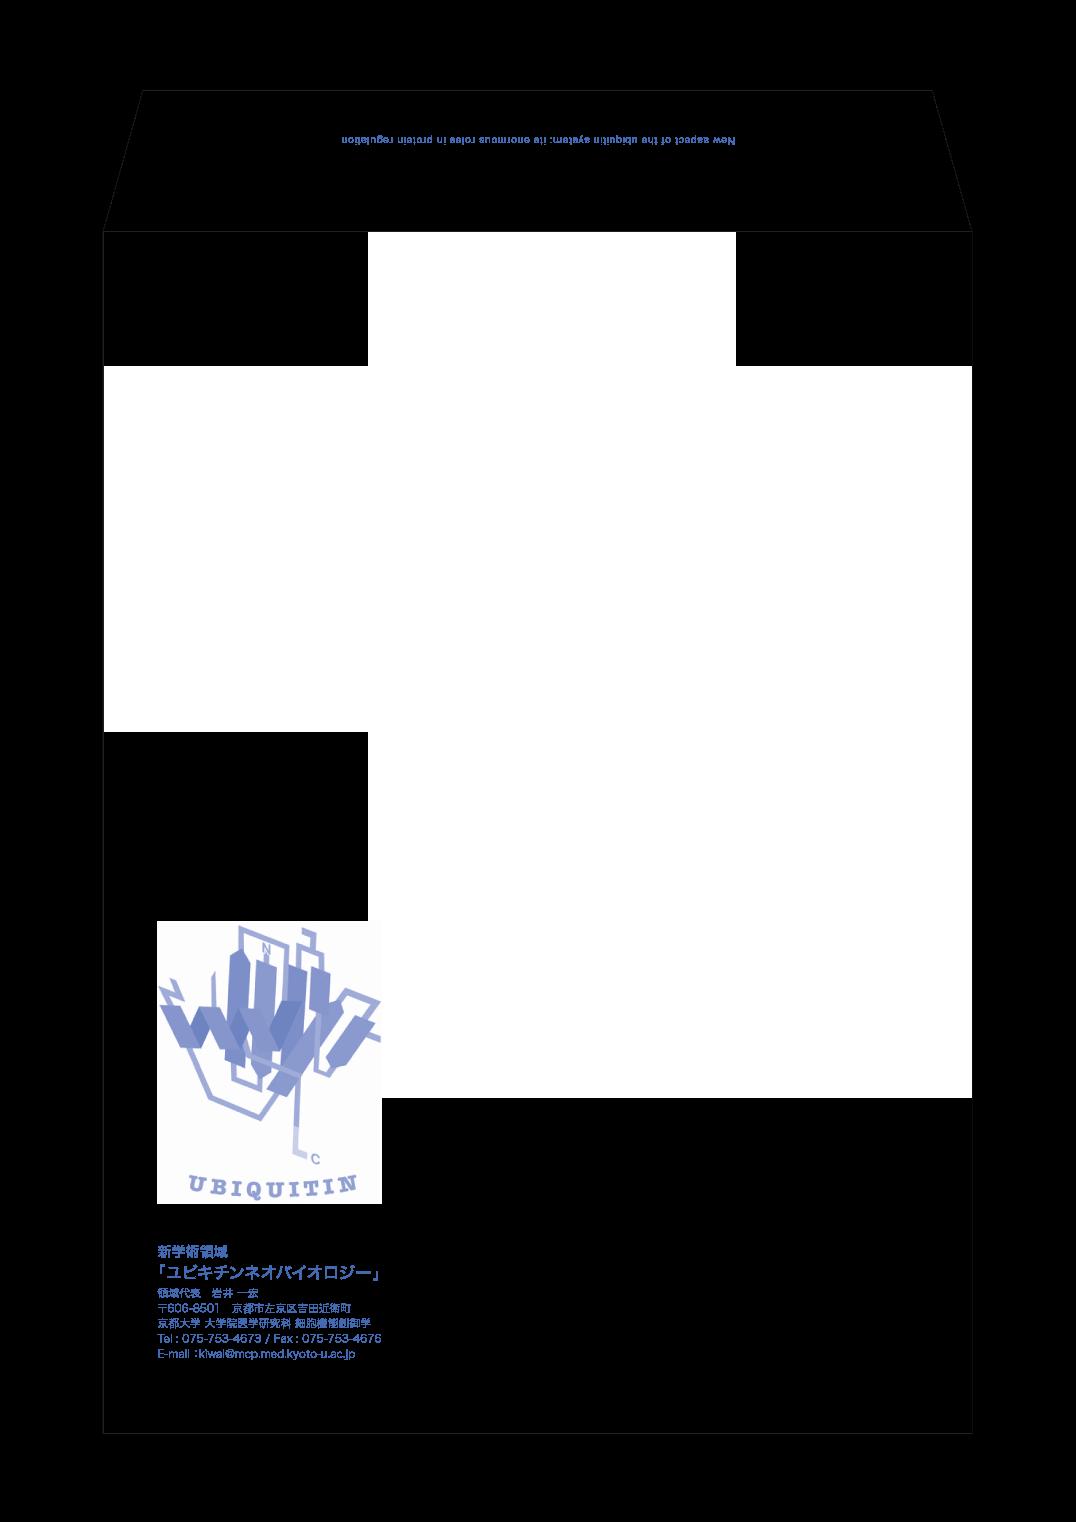 ユビキチンネオバイオロジー:拡大するタンパク質制御システム